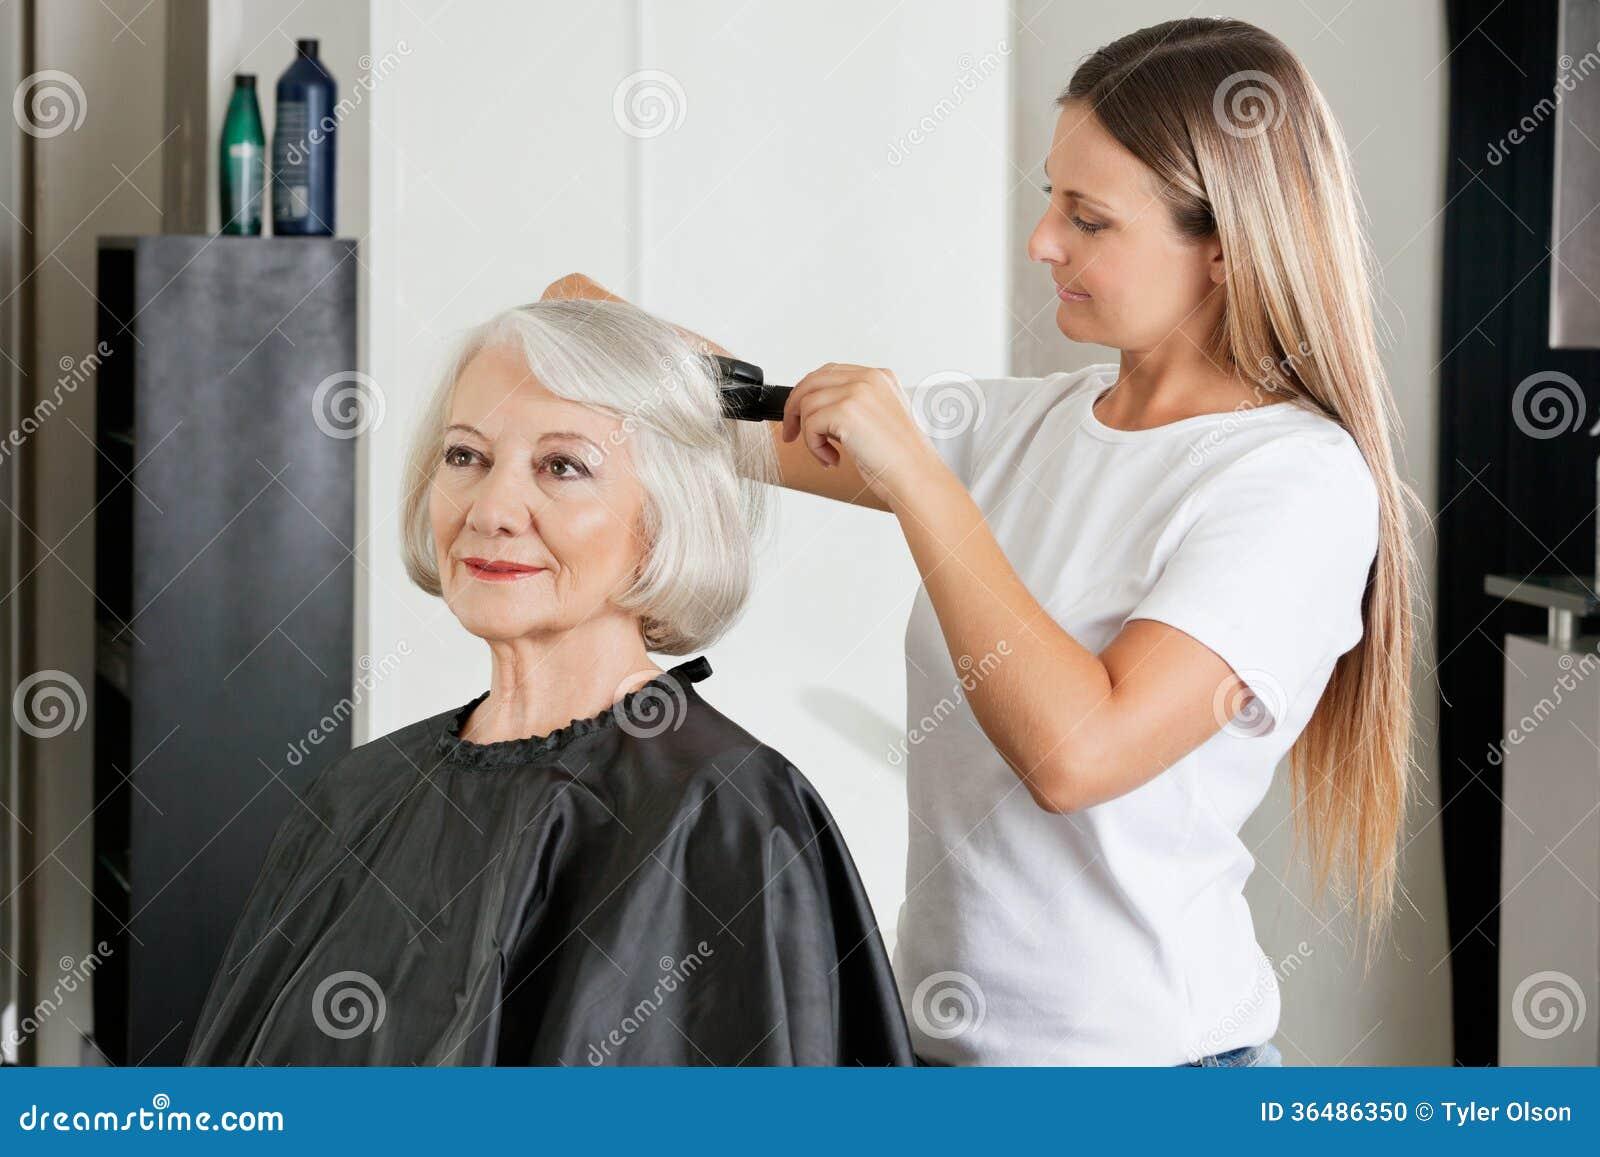 Boys At The Beauty Salon Boys At The Beauty Salon Feminine